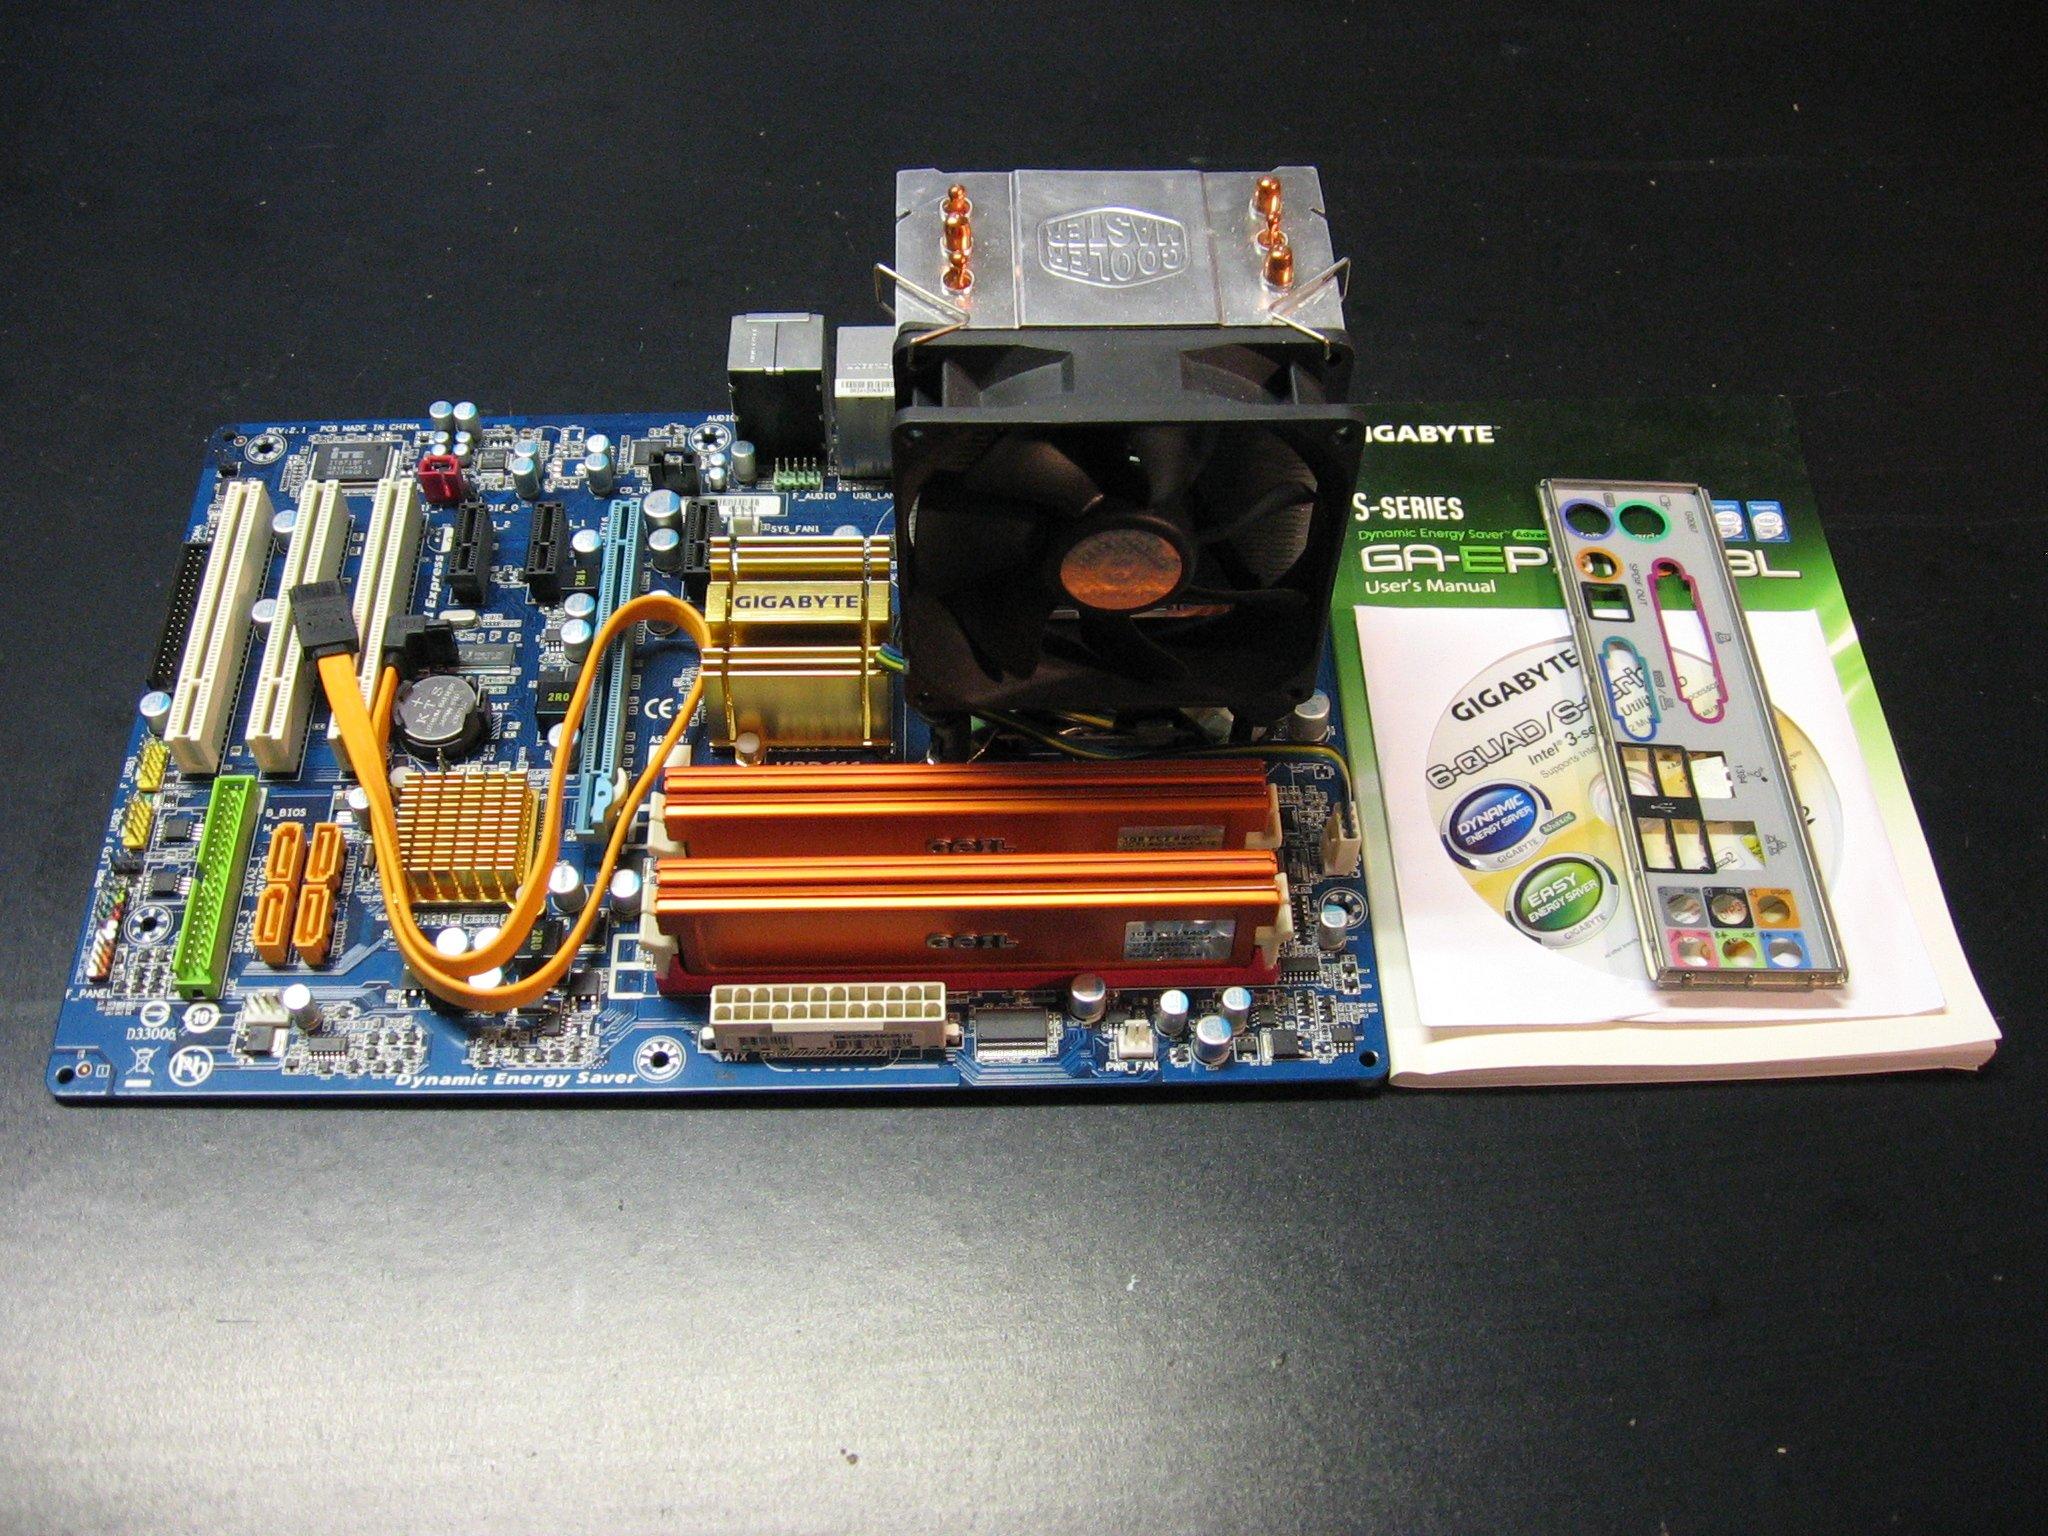 GIGABYTE GA-EP31-DS3L + Intel Core 2 Quad Q6600 2,4GHz + DDR2 4x1GB GEIL 800MHz + Cooler Master Opole AlleOpole.pl